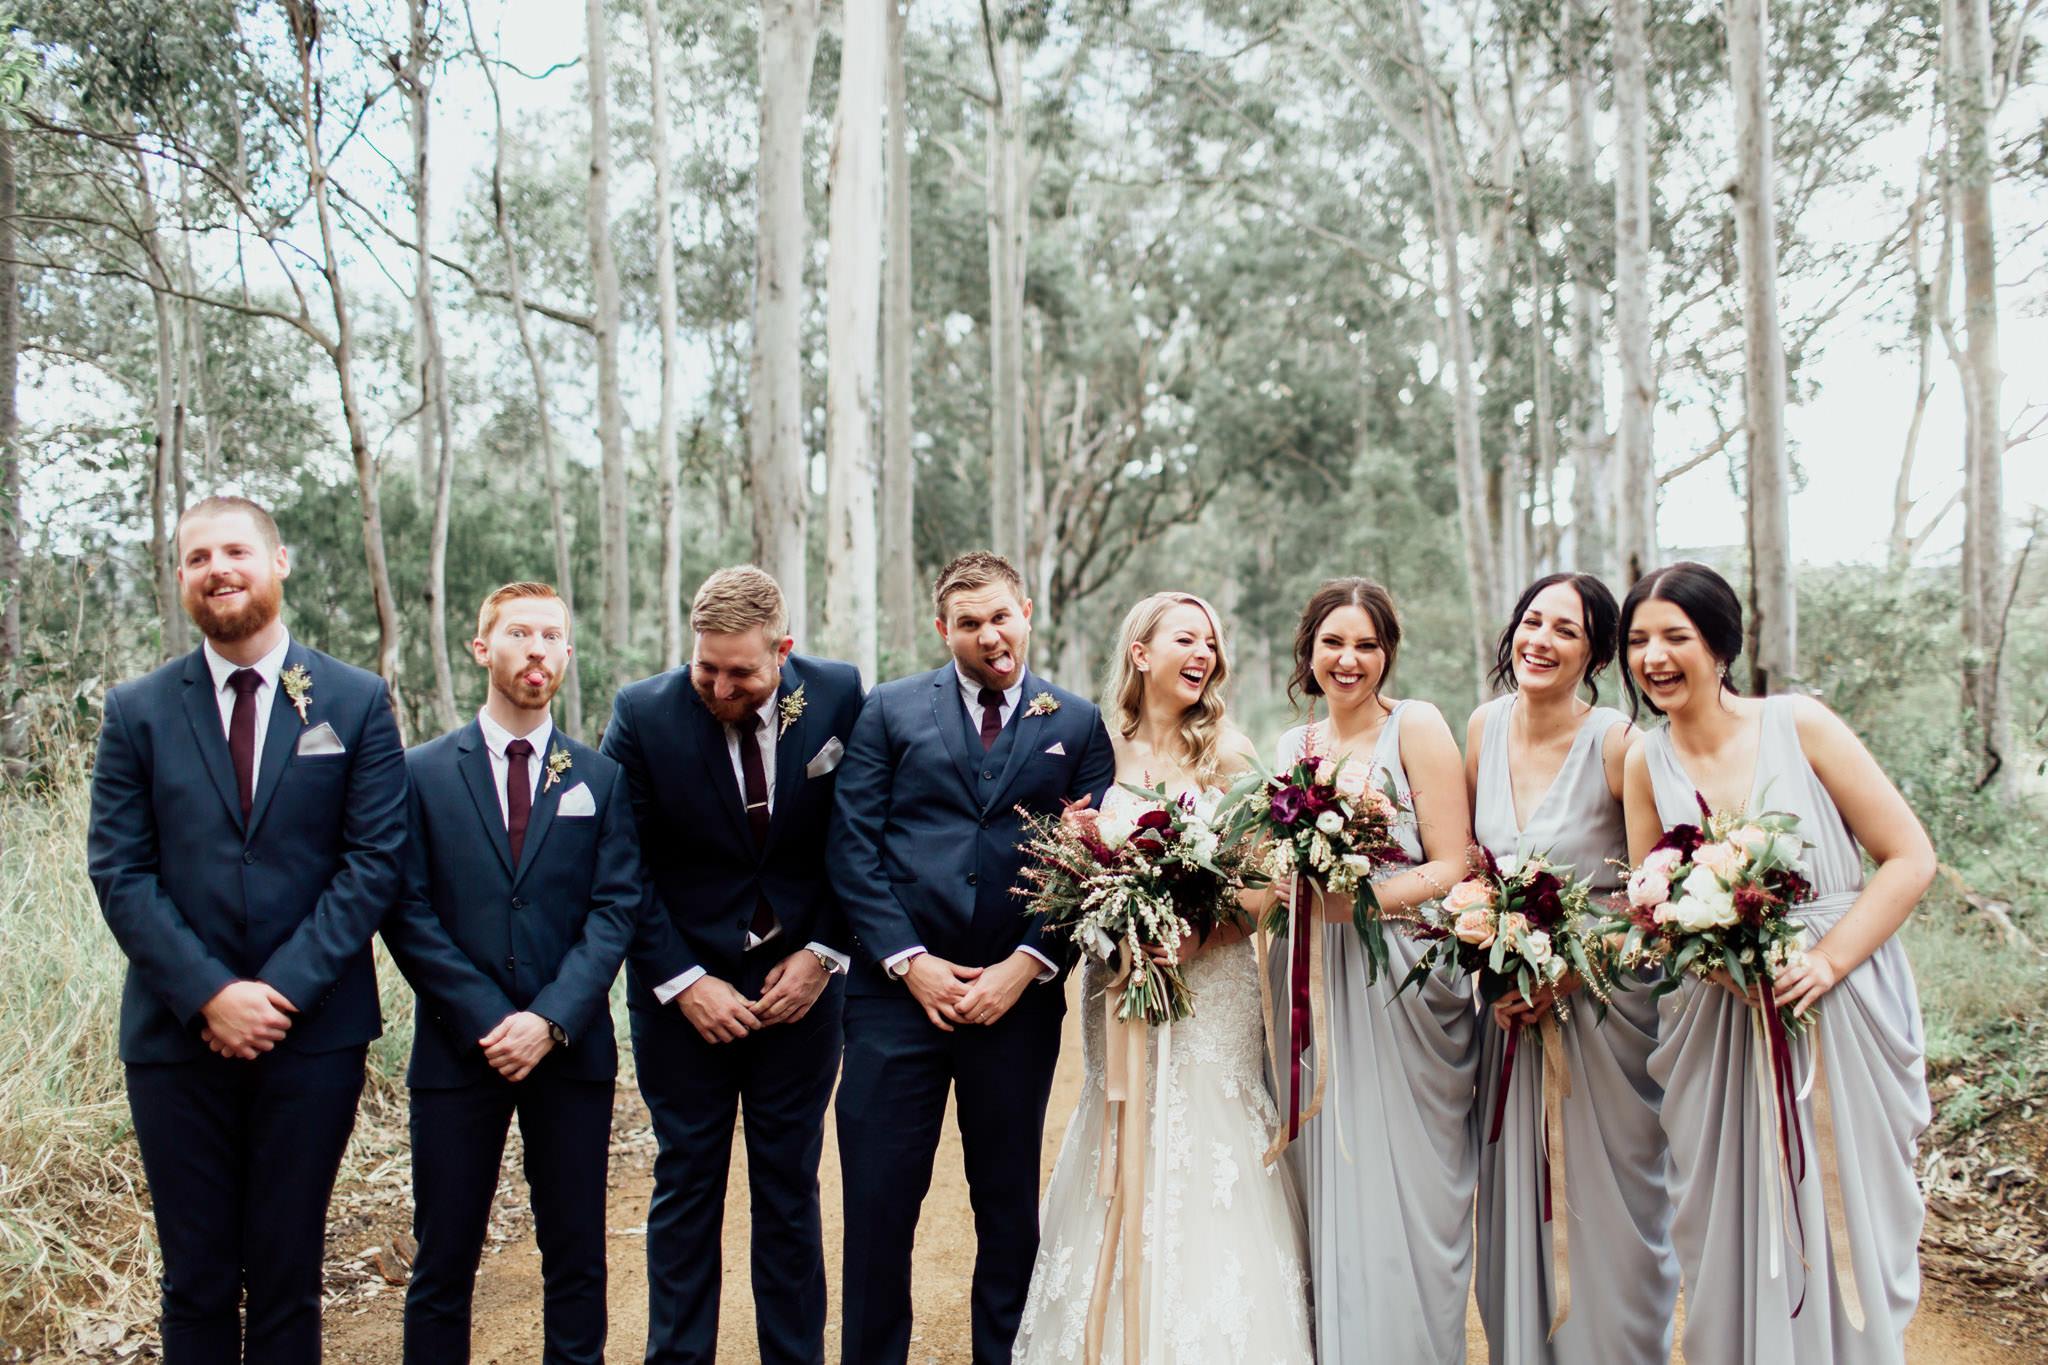 WeddingPhotos_Facebook_2048pixels-1070.jpg